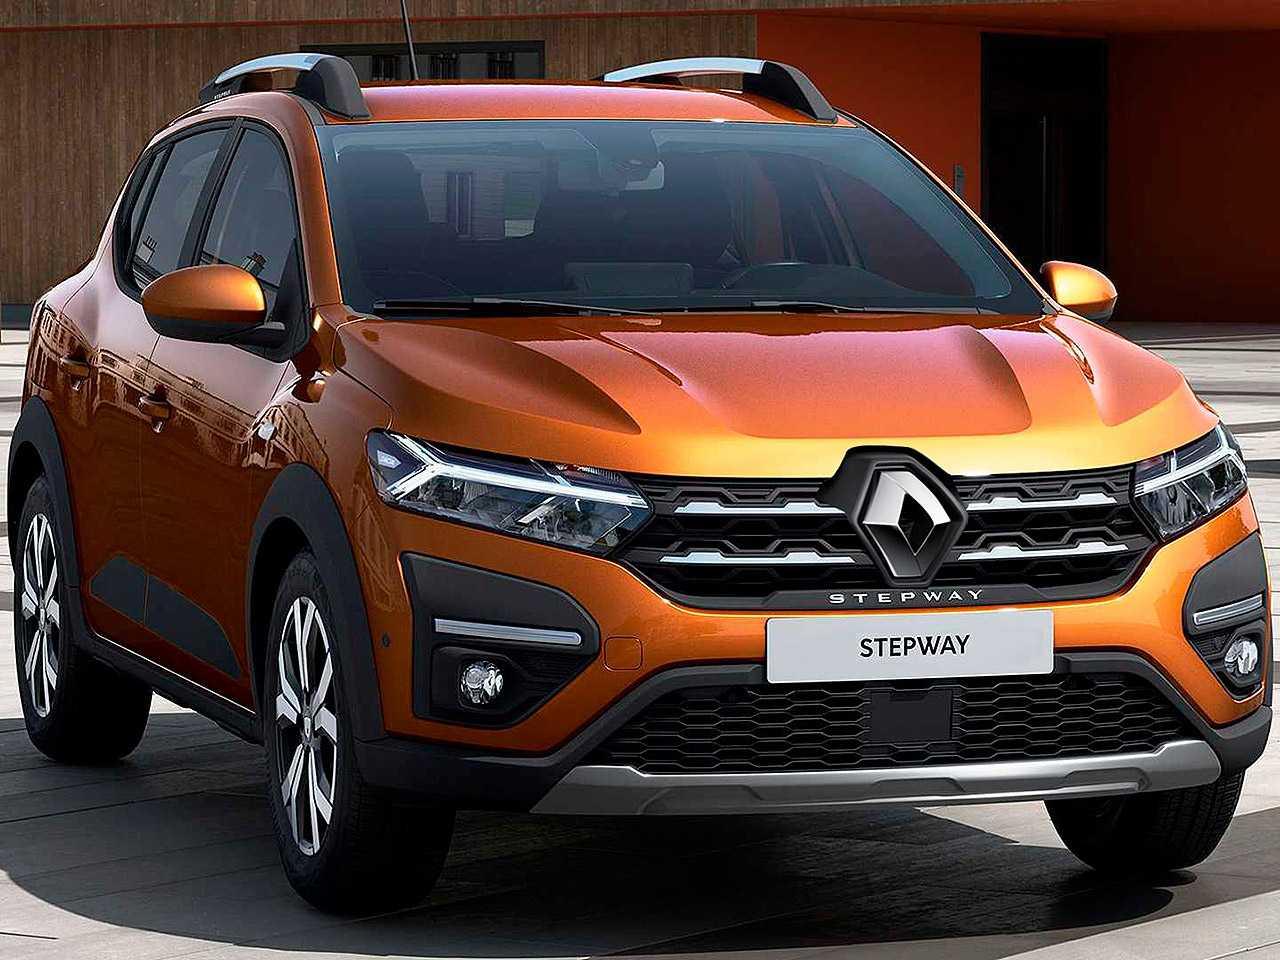 Projeção de Kleber Silva para novo Stepway com a identidade da Renault